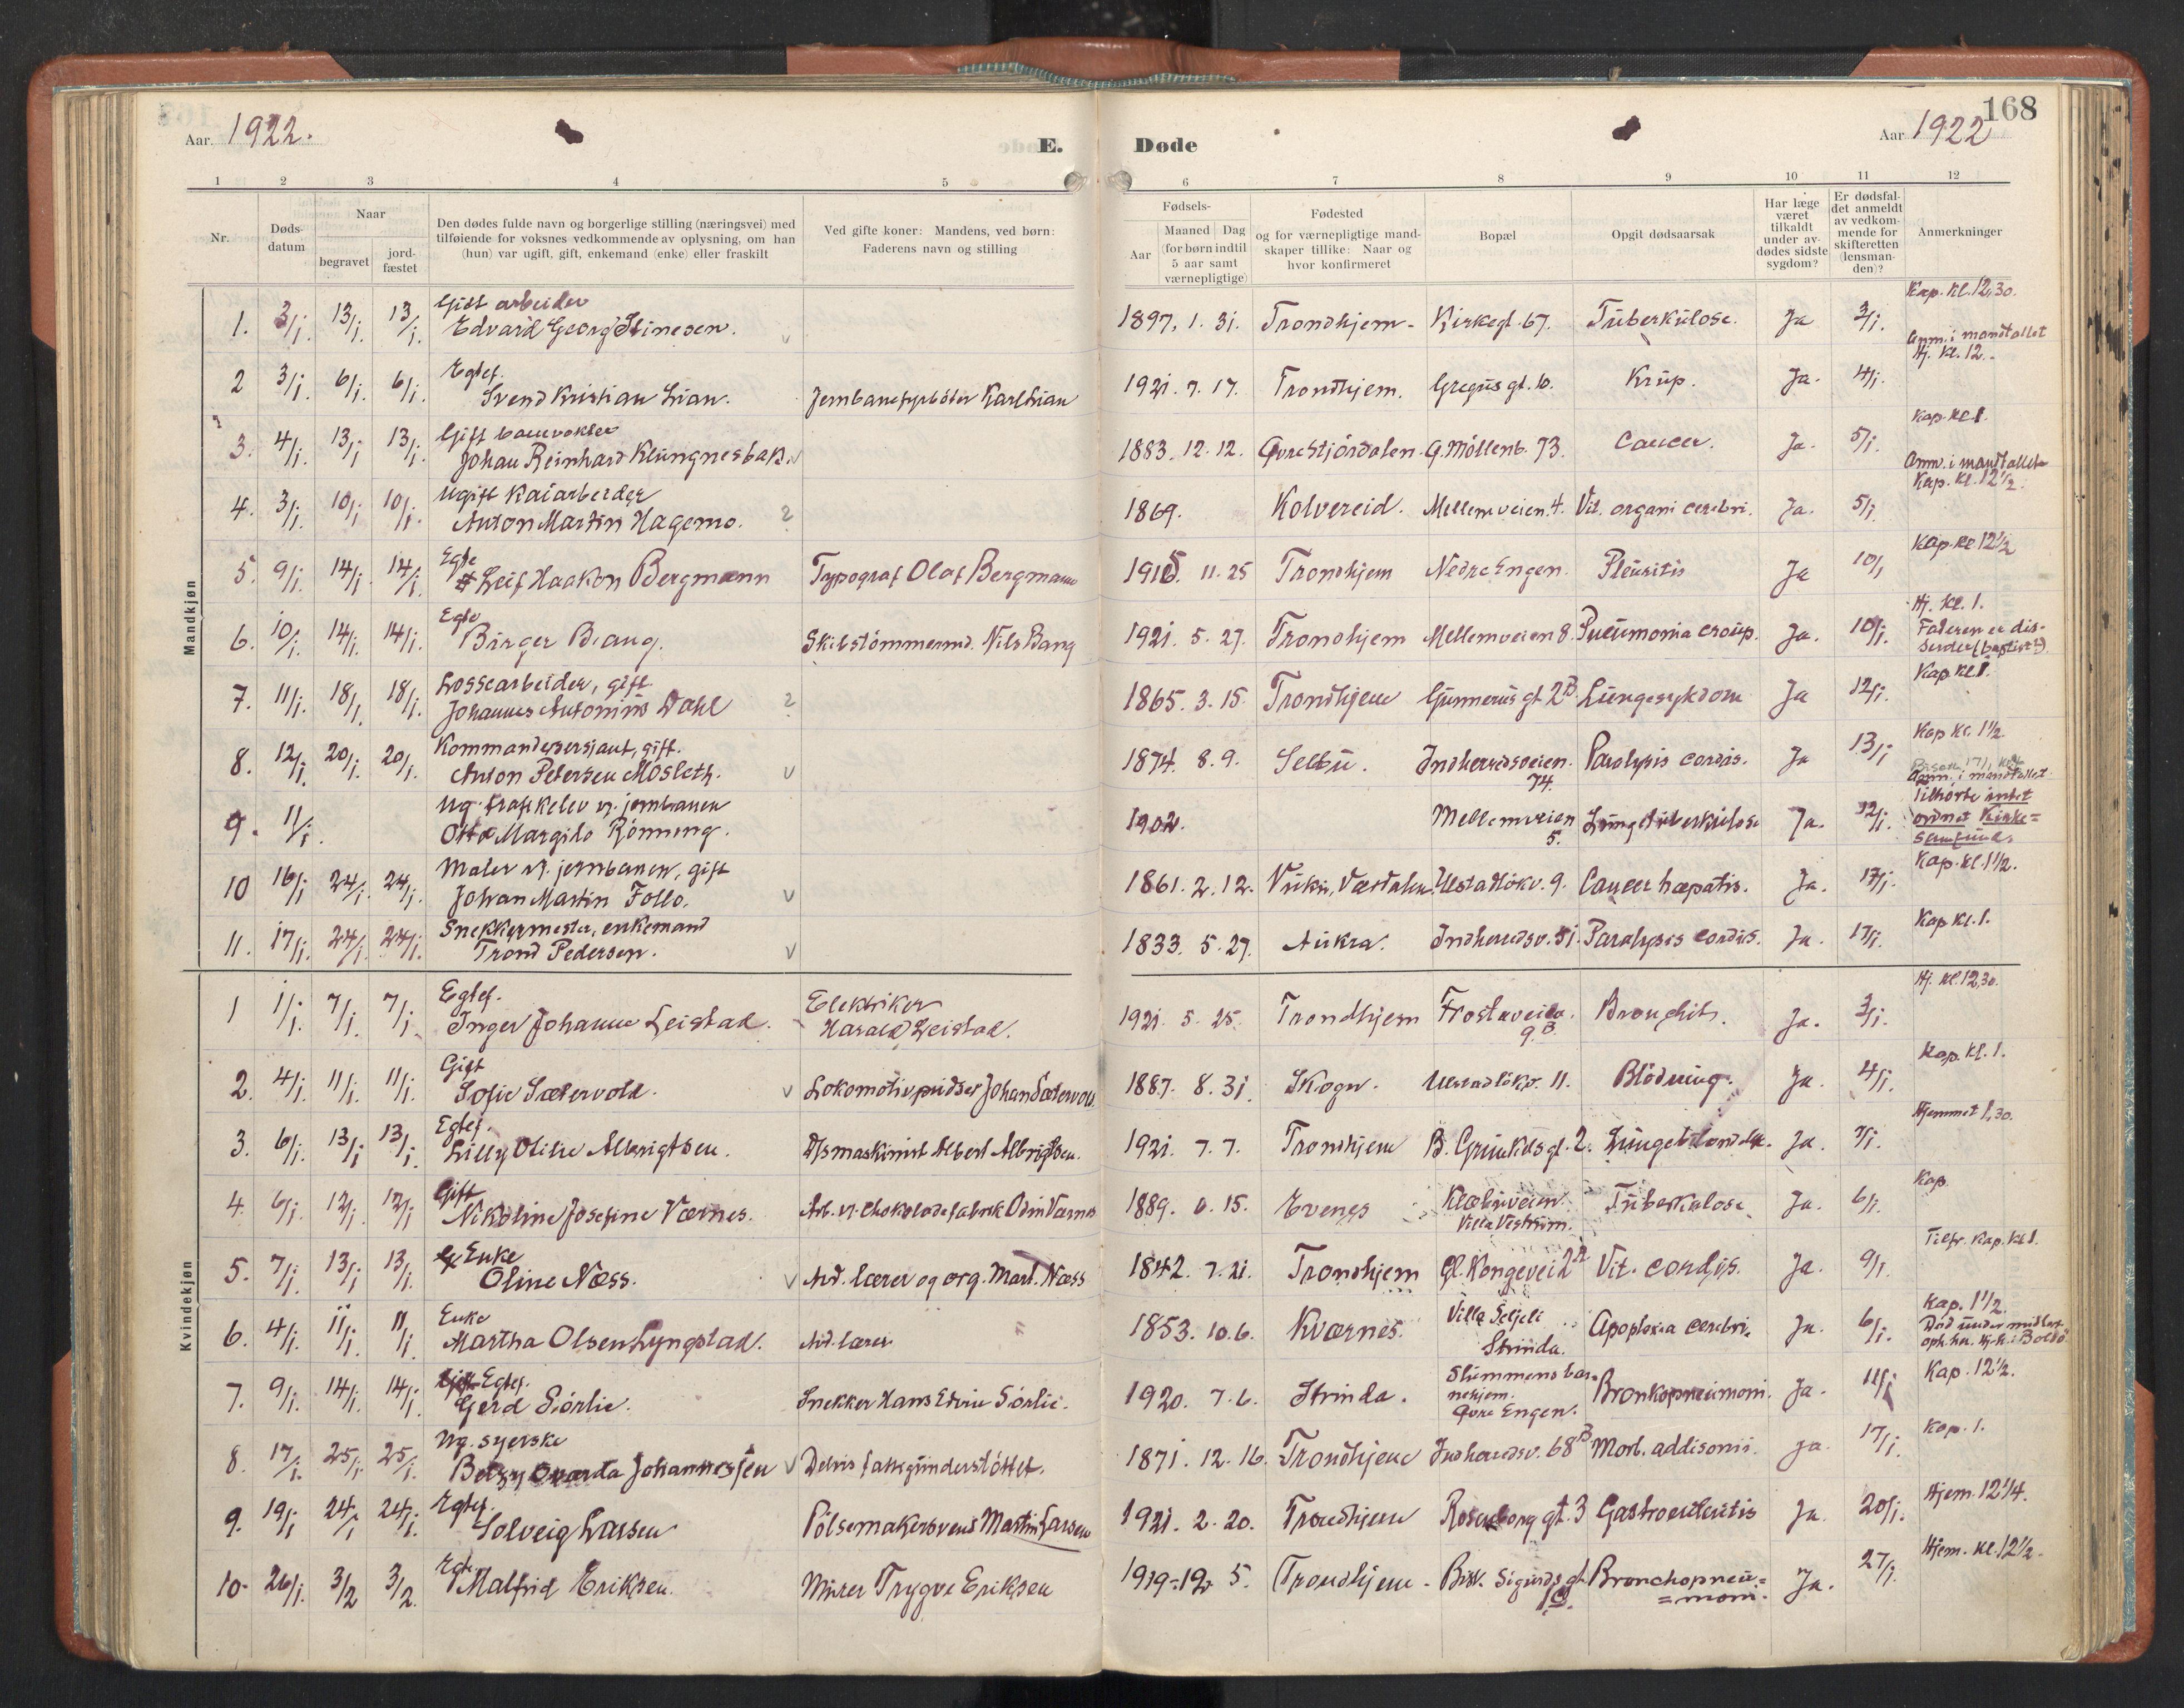 SAT, Ministerialprotokoller, klokkerbøker og fødselsregistre - Sør-Trøndelag, 605/L0245: Ministerialbok nr. 605A07, 1916-1938, s. 168